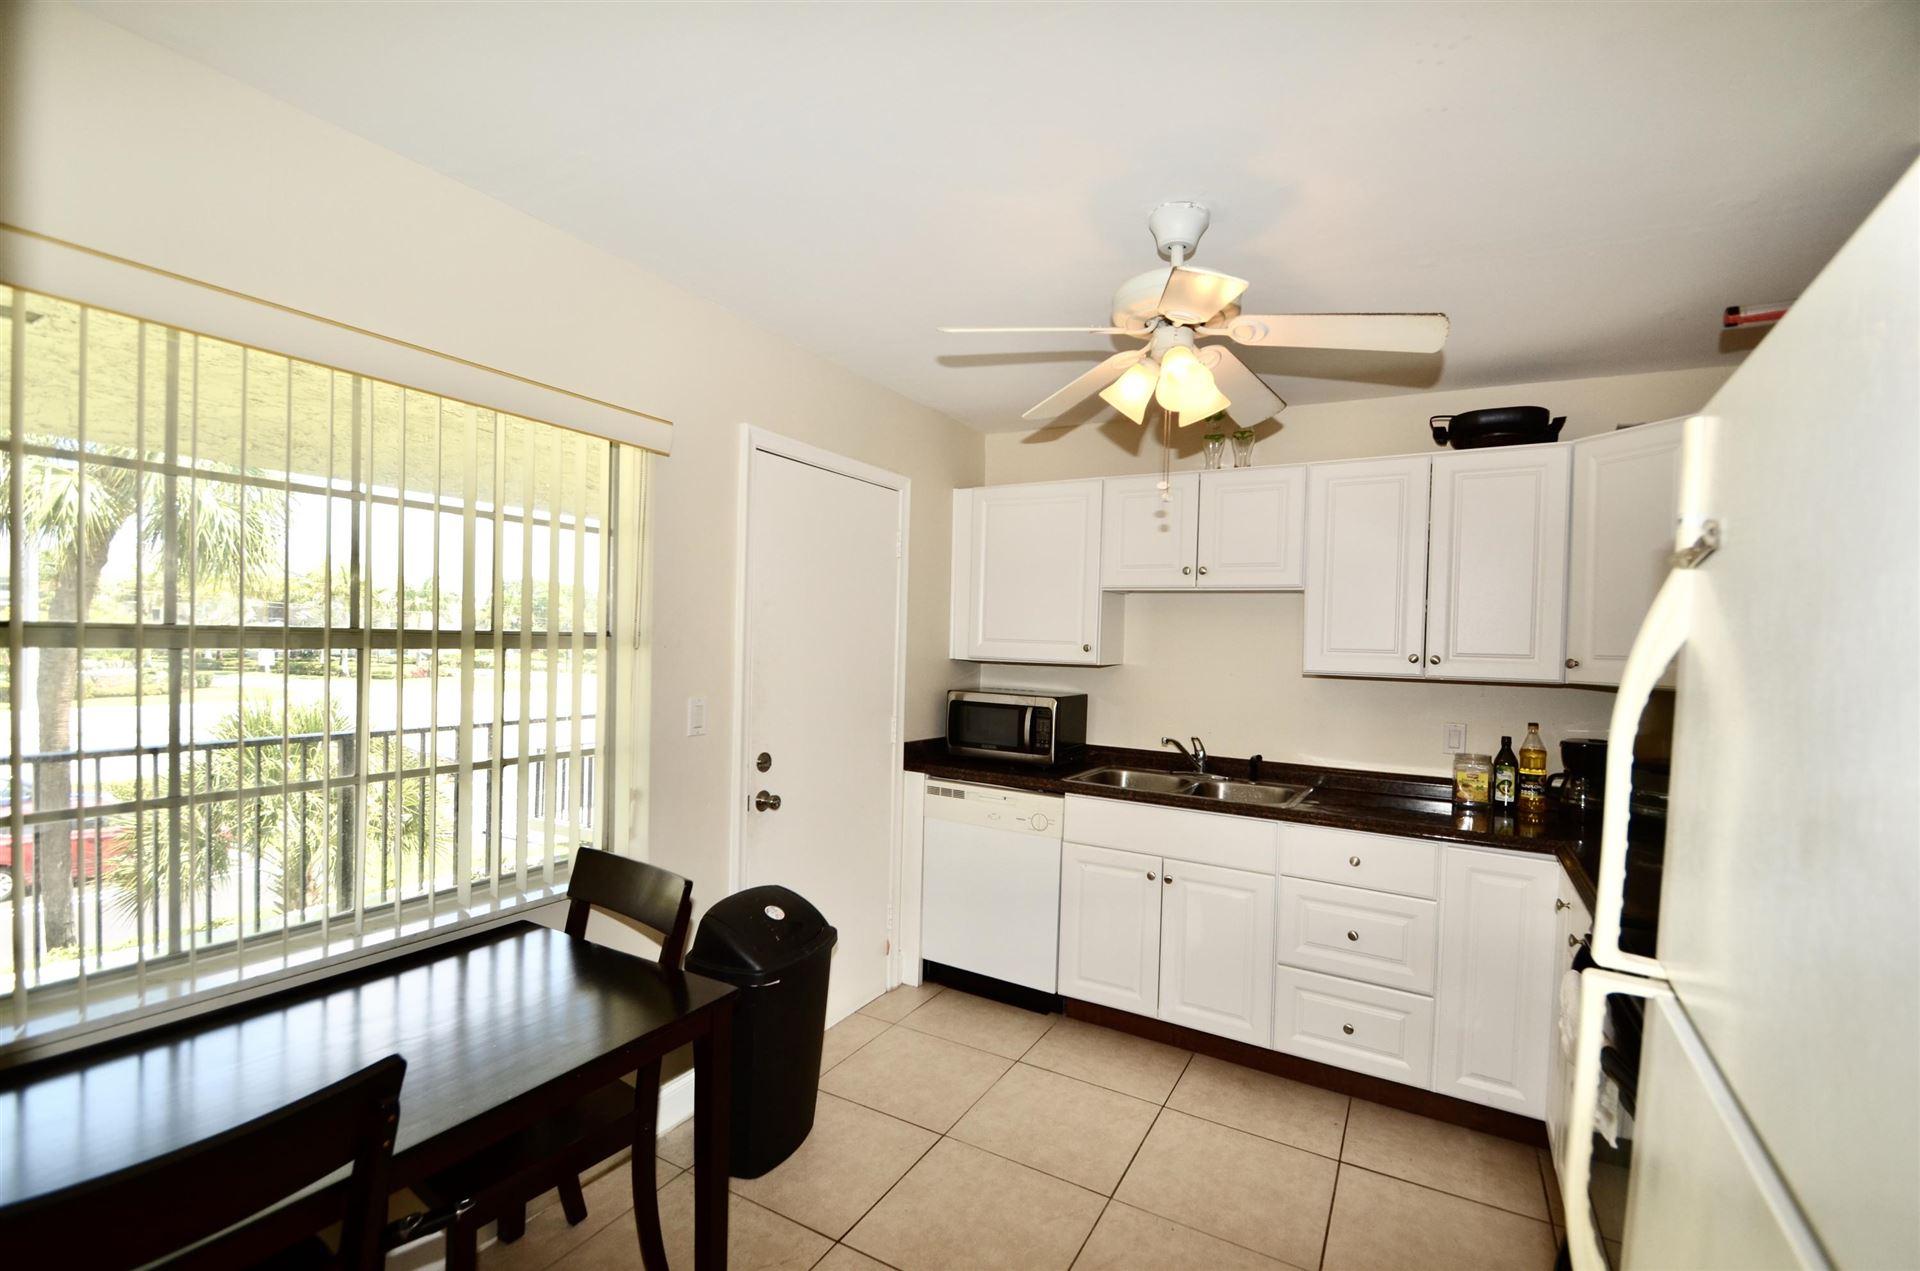 8900 W Sample Road #204, Coral Springs, FL 33065 - #: RX-10618470